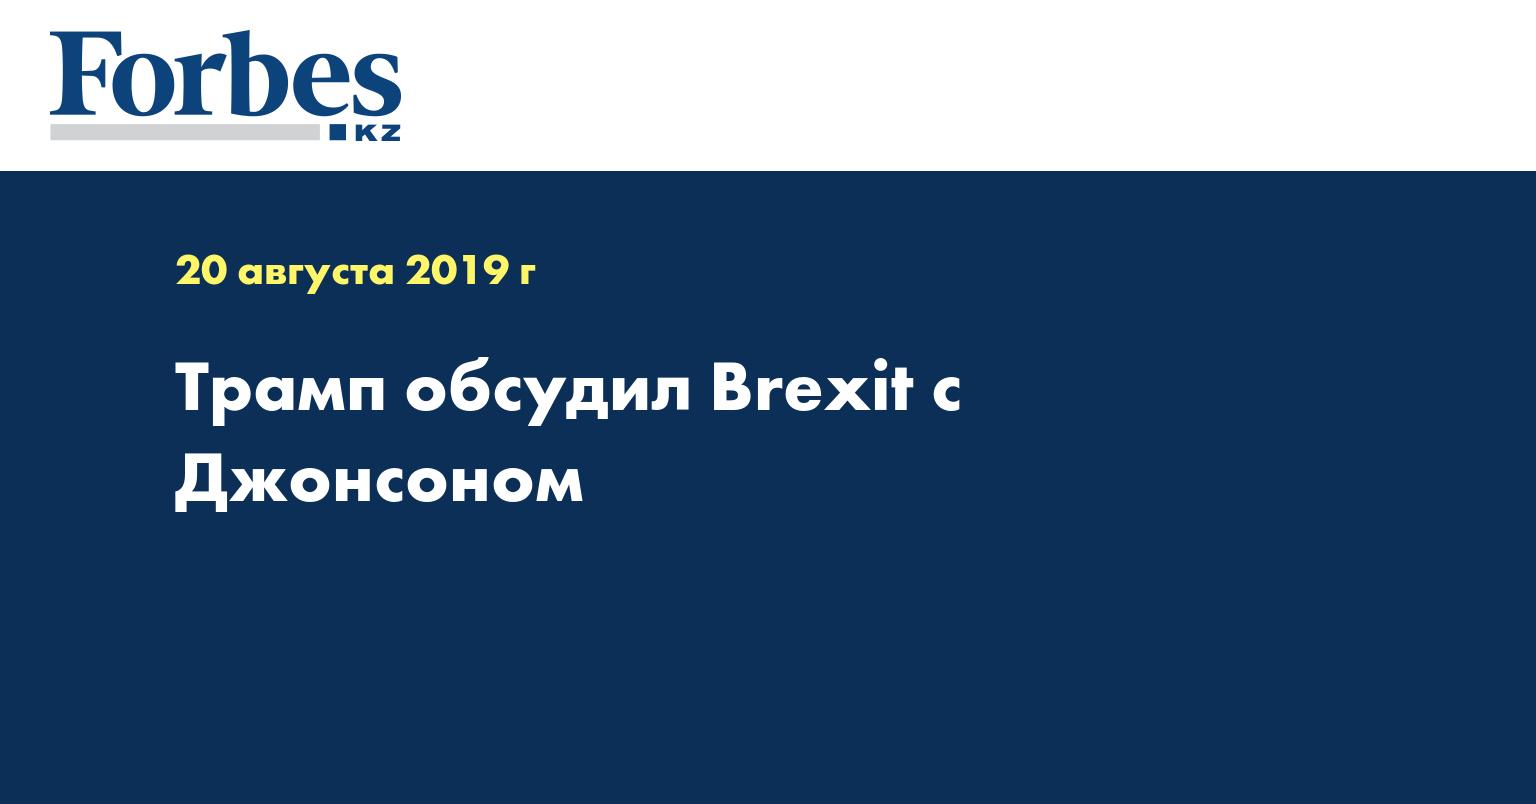 Трамп обсудил Brexit с Джонсоном